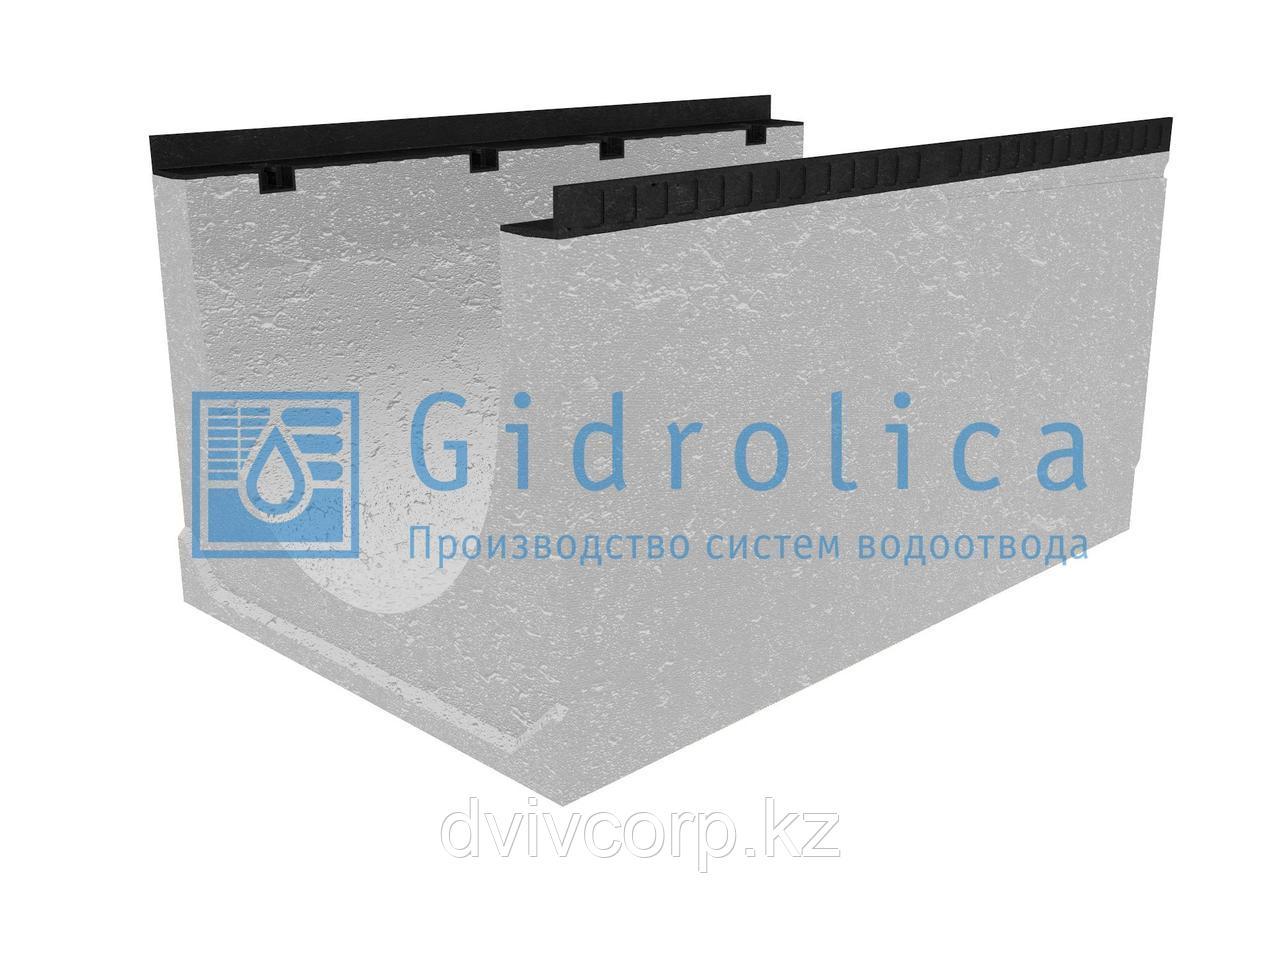 Лоток водоотводный бетонный коробчатый (СО-500мм), с уклоном 0,5%  КUу 100.65(50).52,5(43,5) - BGМ, № 15